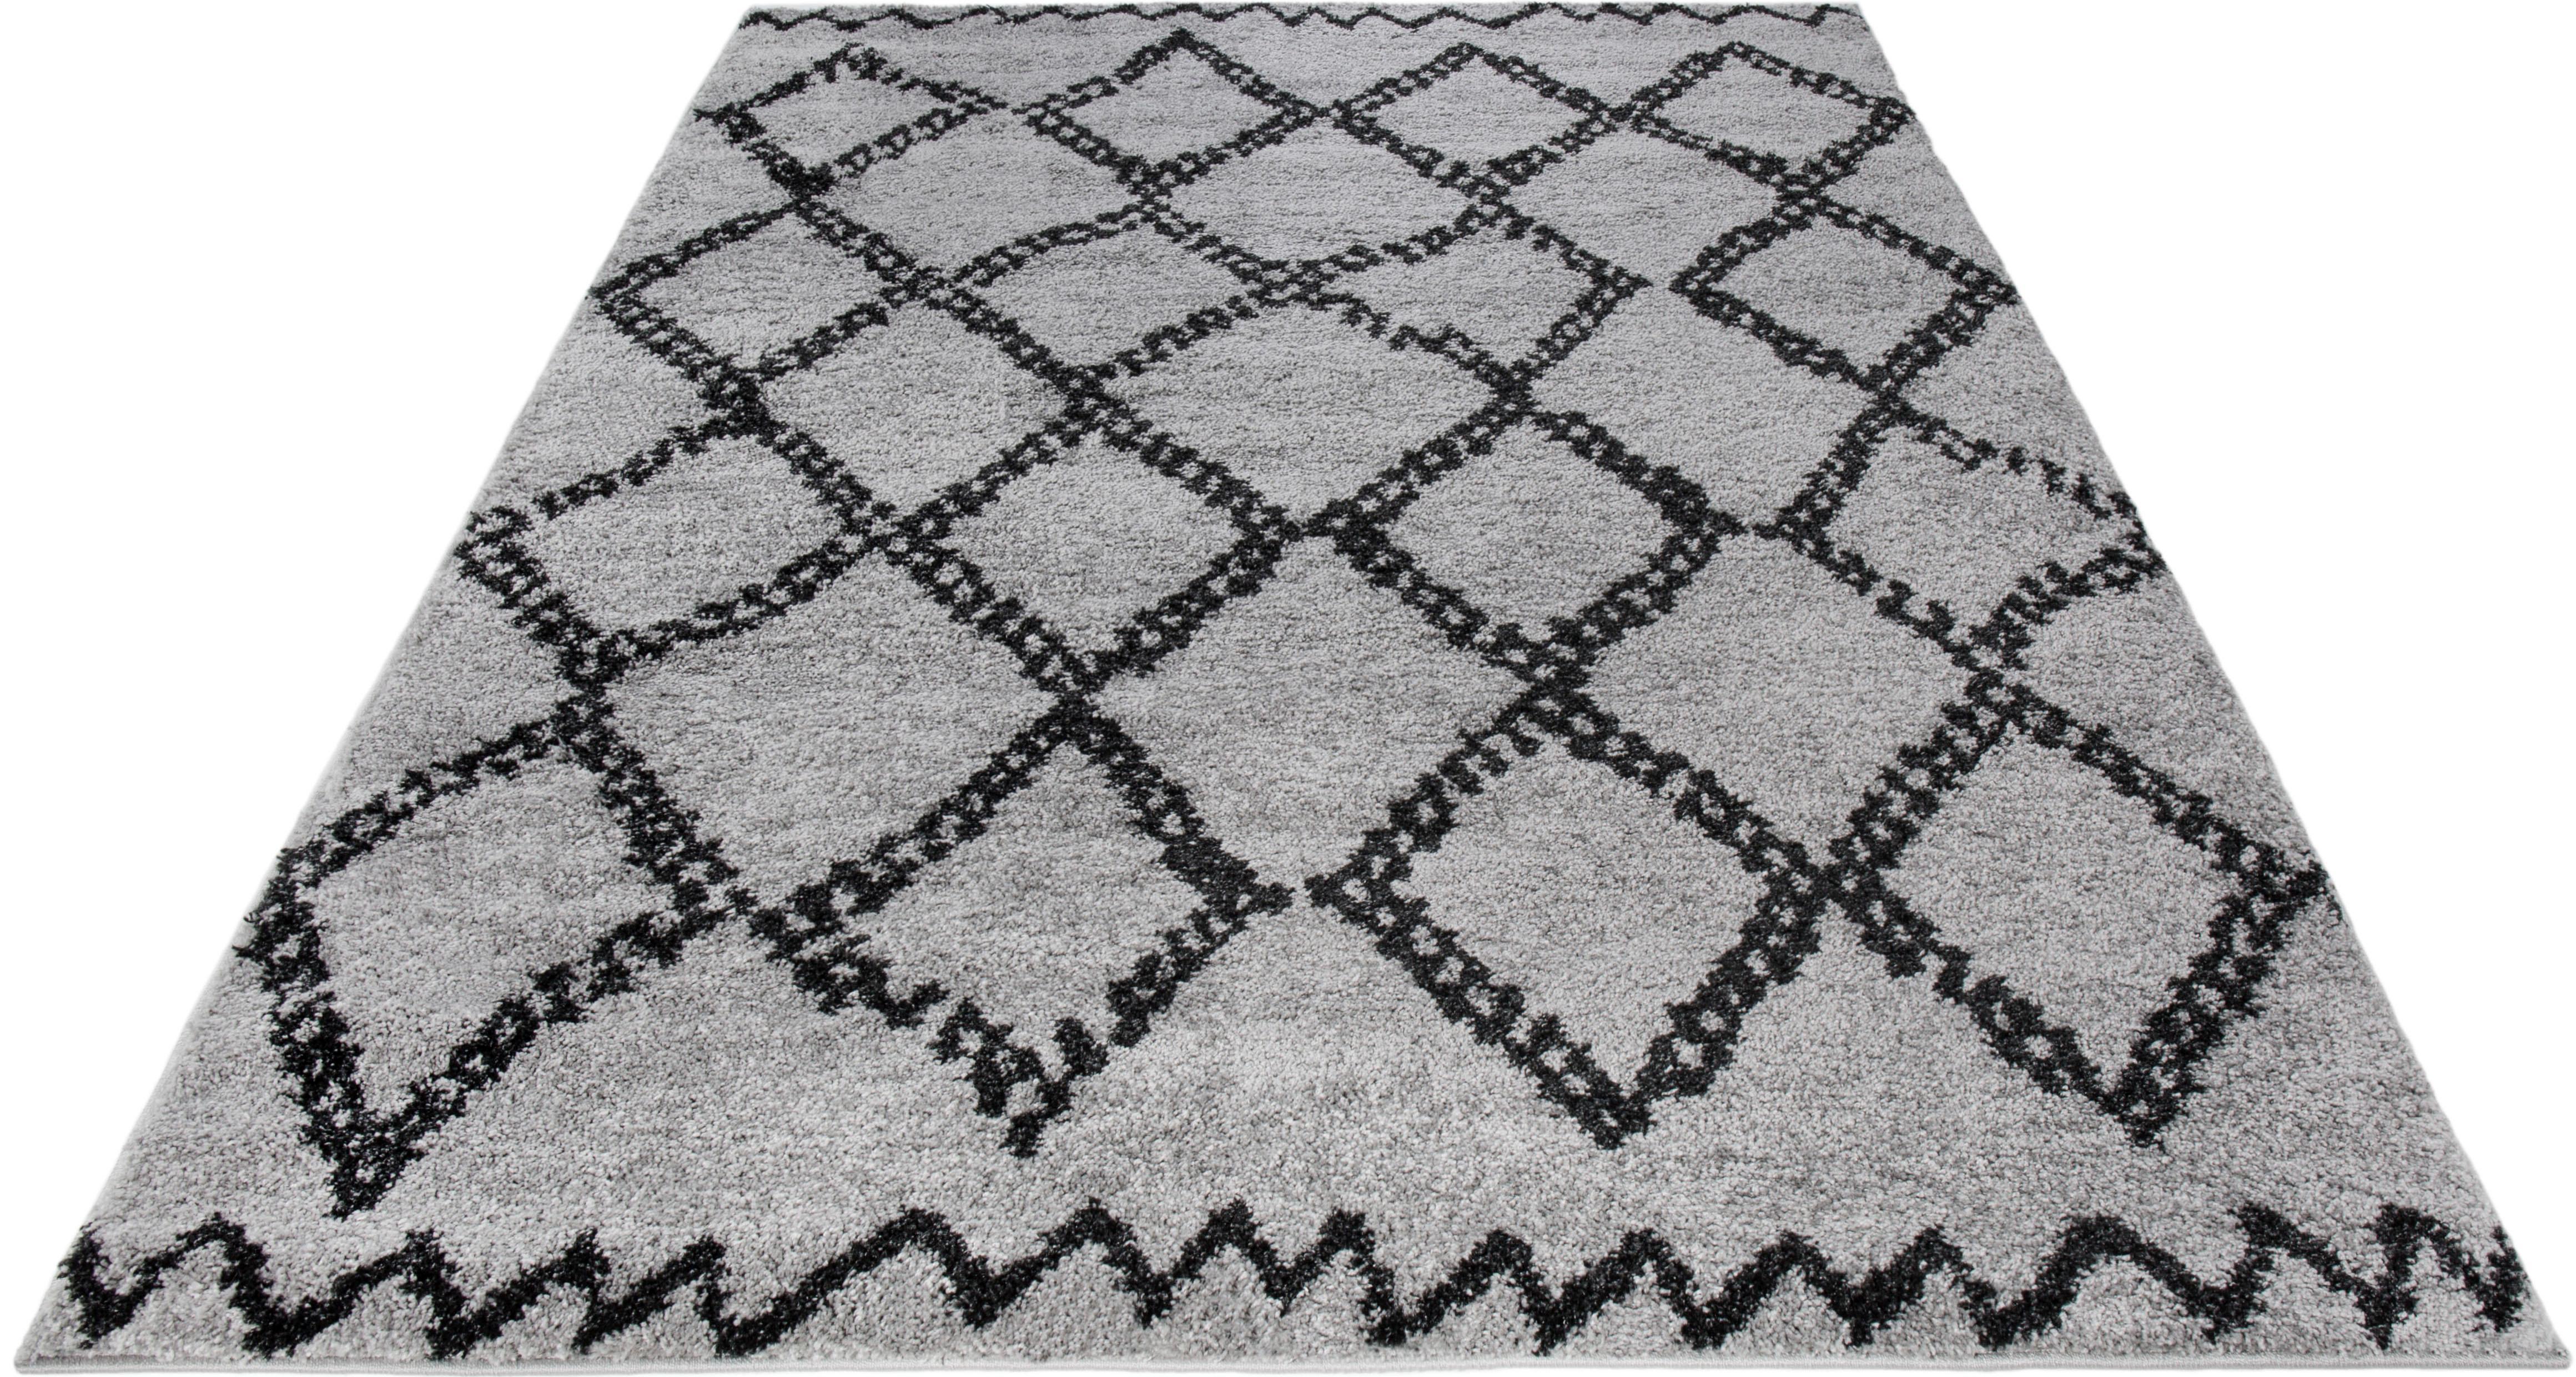 Teppich Mia Wohnidee rechteckig Höhe 24 mm maschinell gewebt